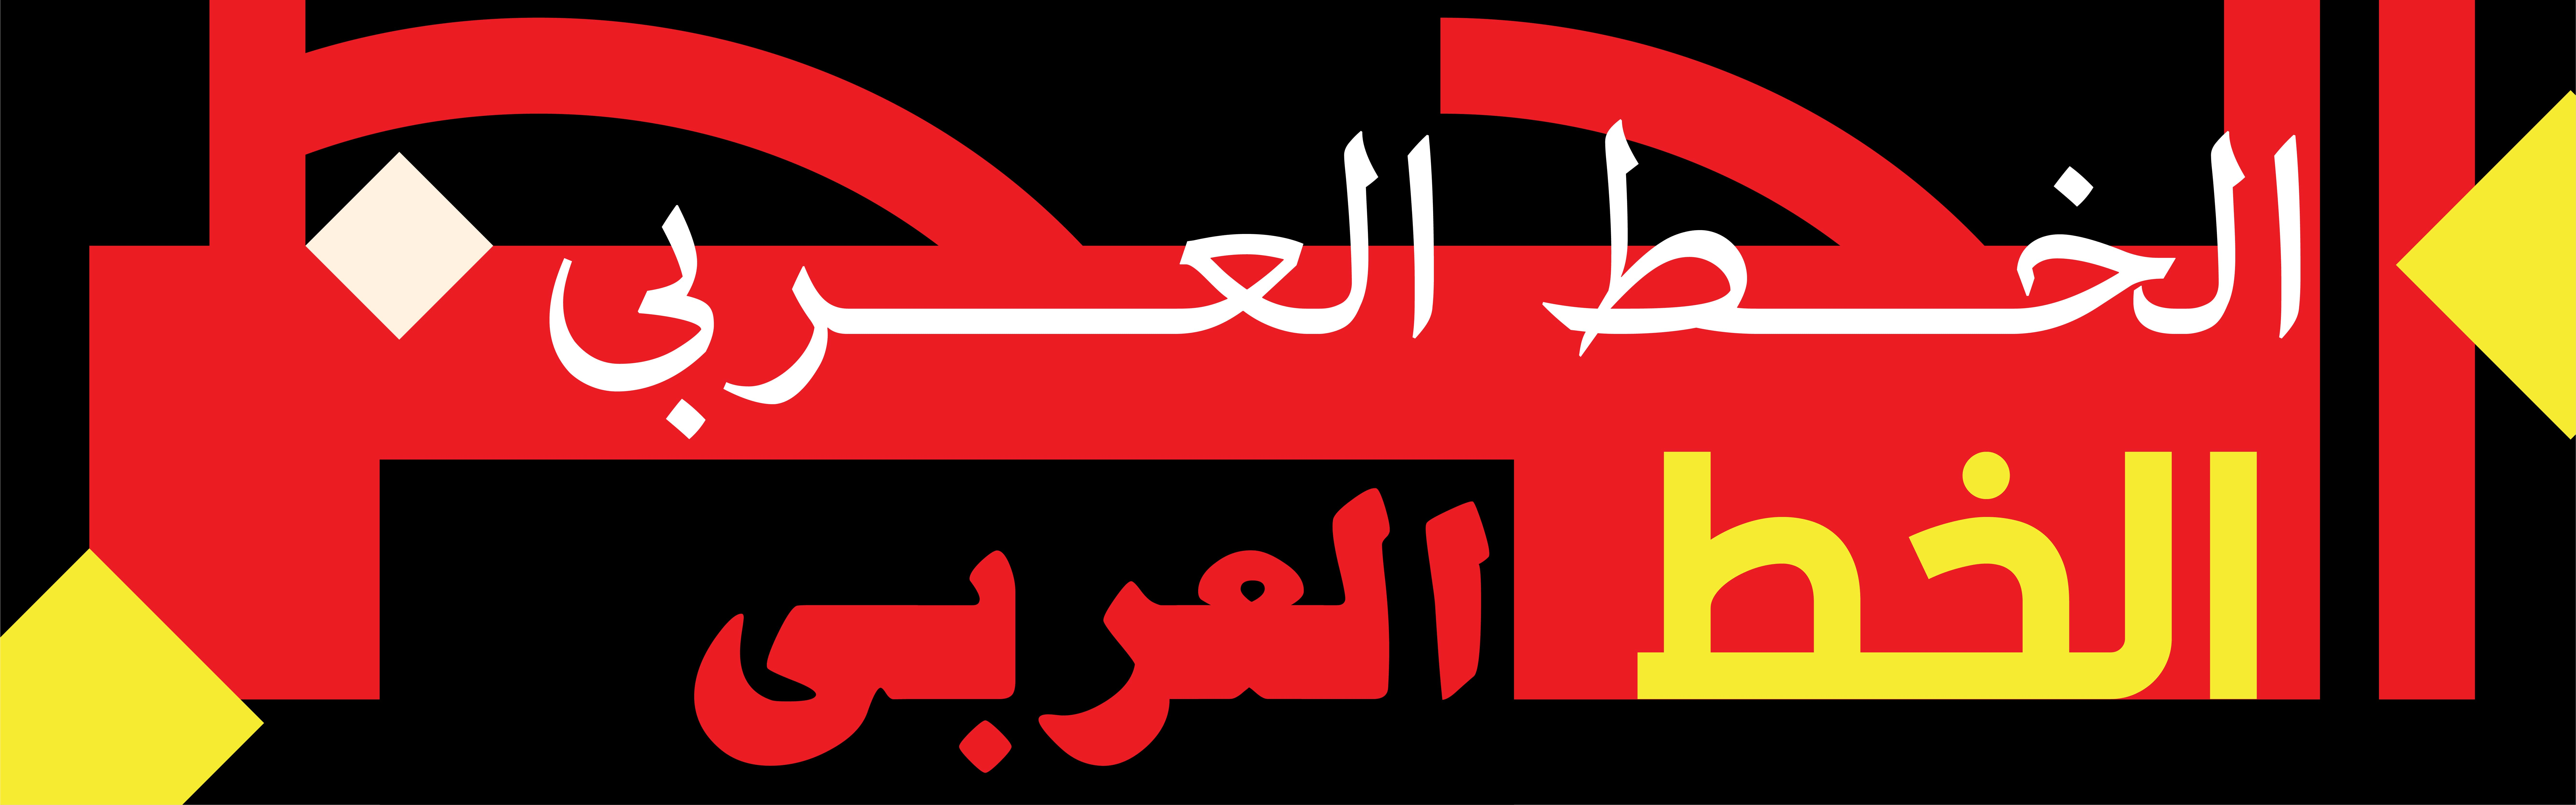 الخط العربى فنًا تشكيليًا